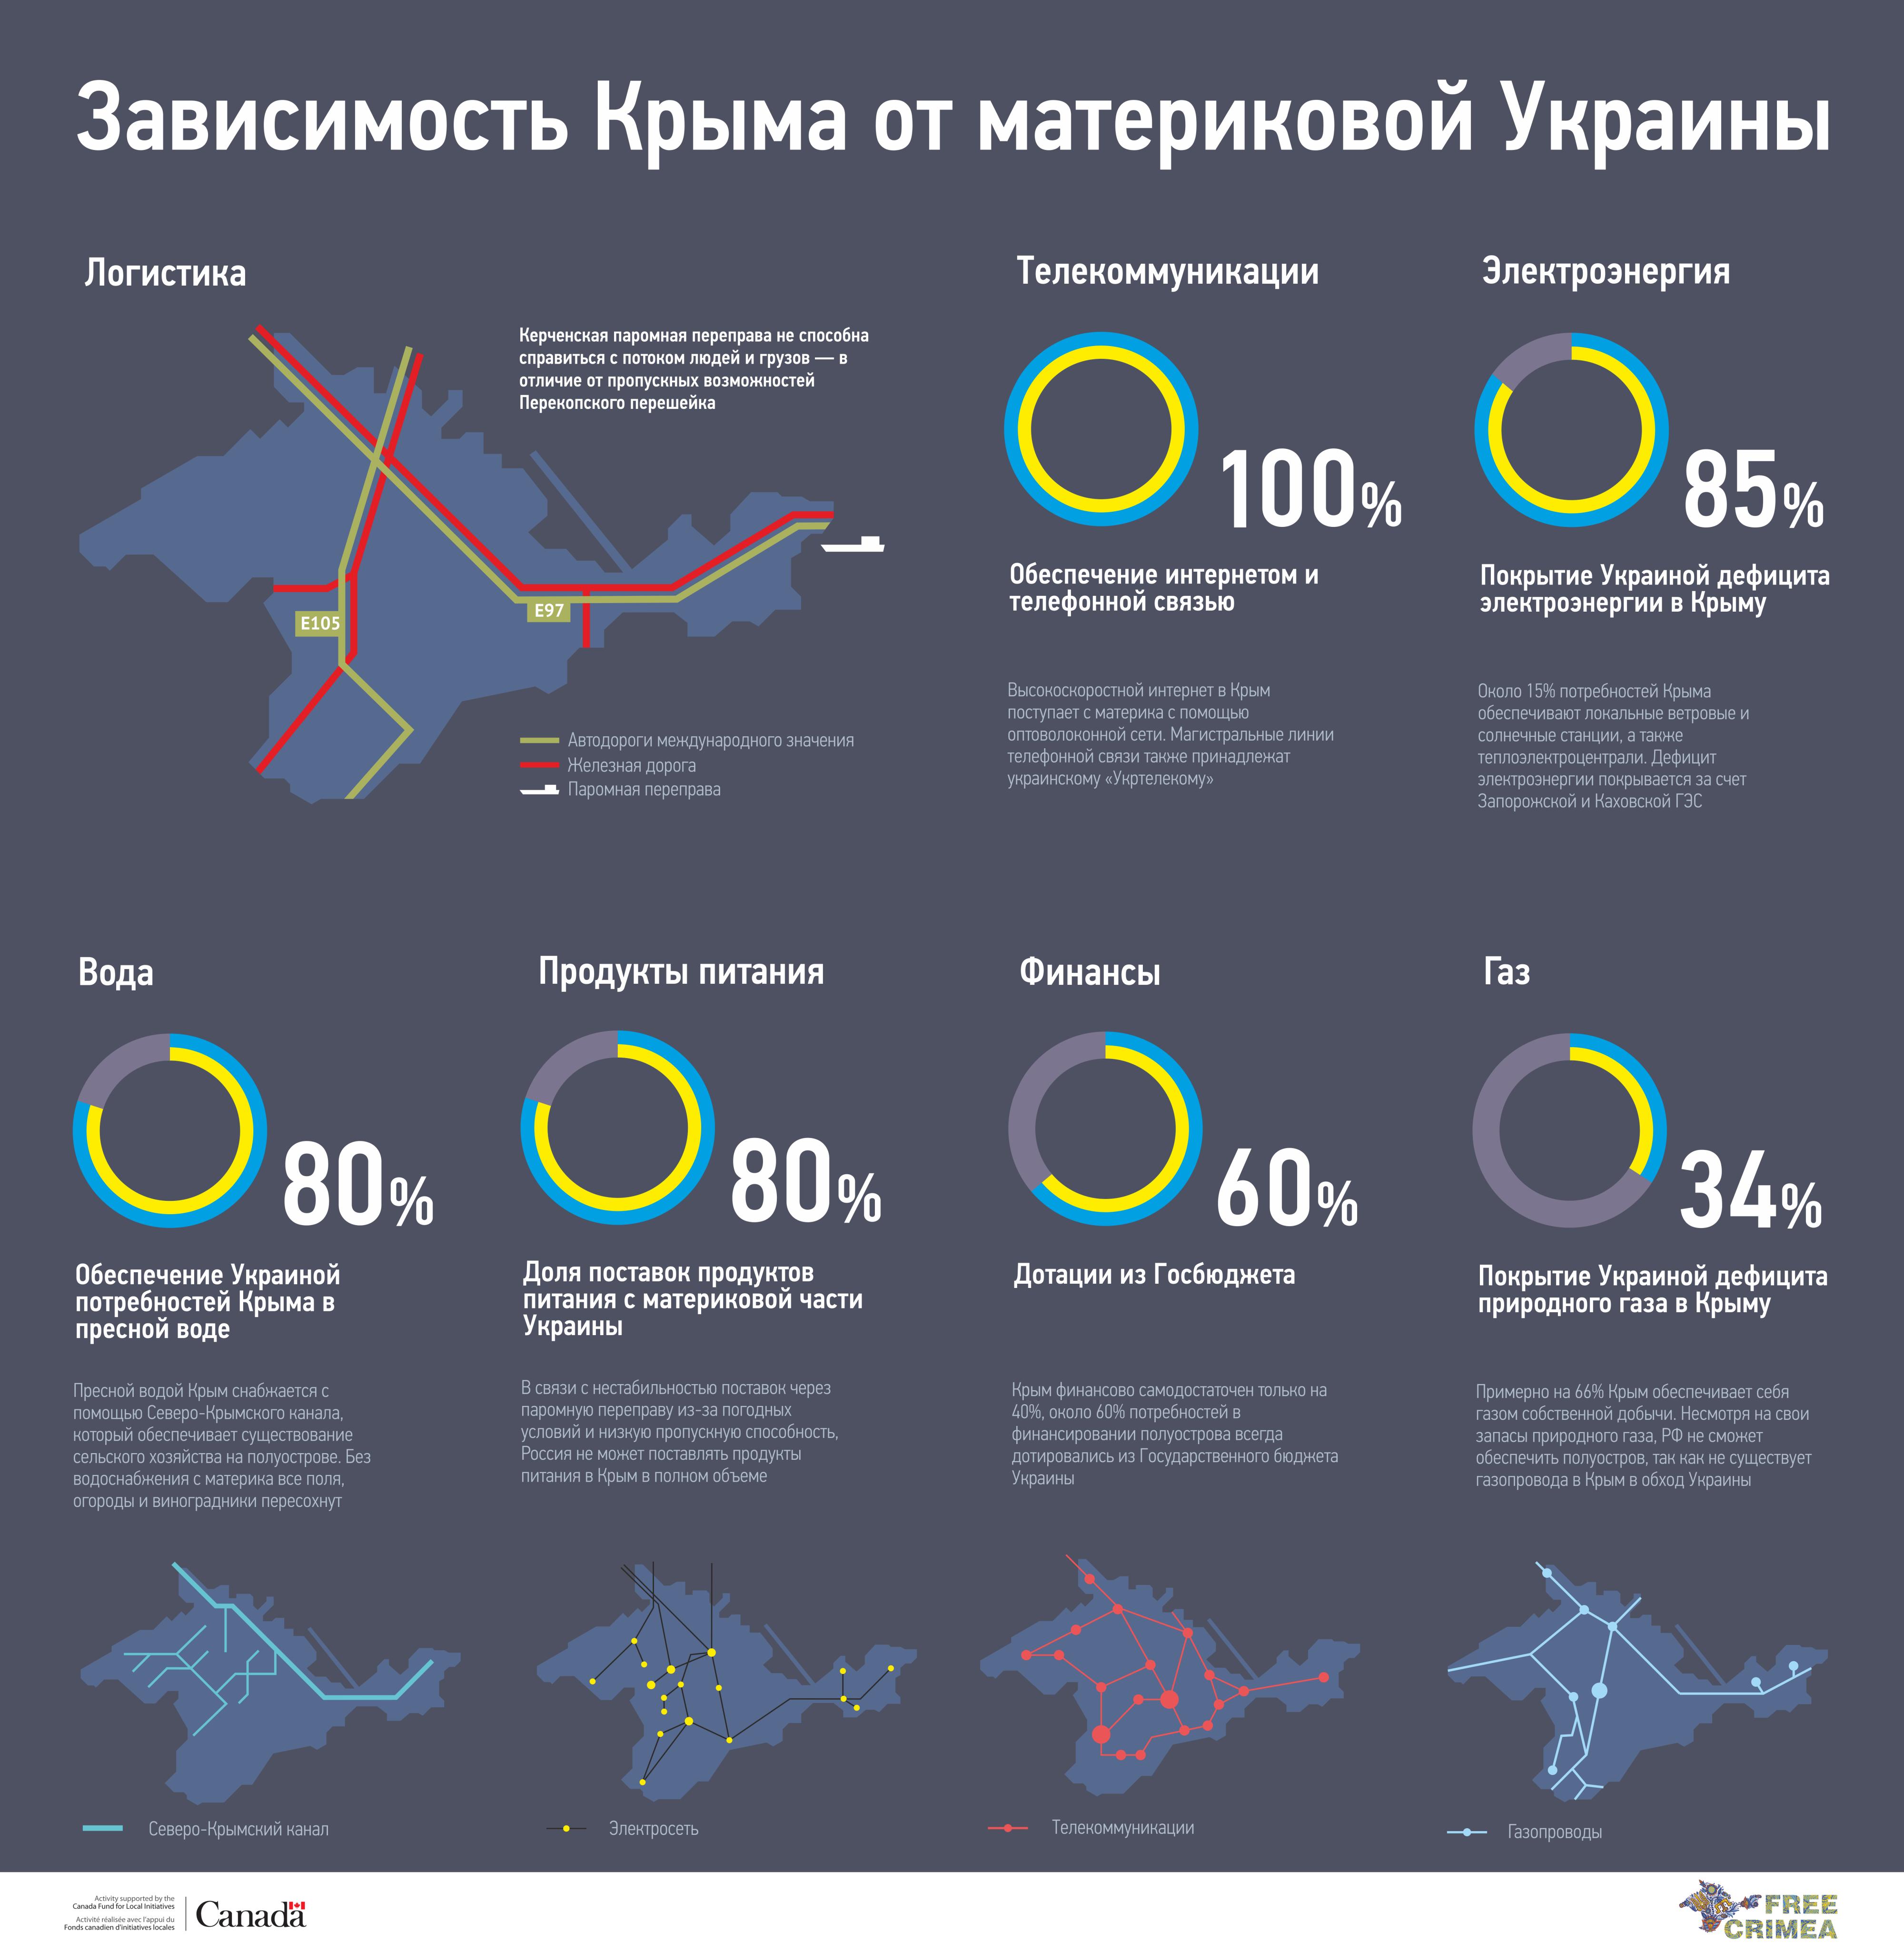 """В оккупированном Крыму Россия """"национализировала"""" порядка 300 объектов более чем на $ 1 трлн - Цензор.НЕТ 6164"""